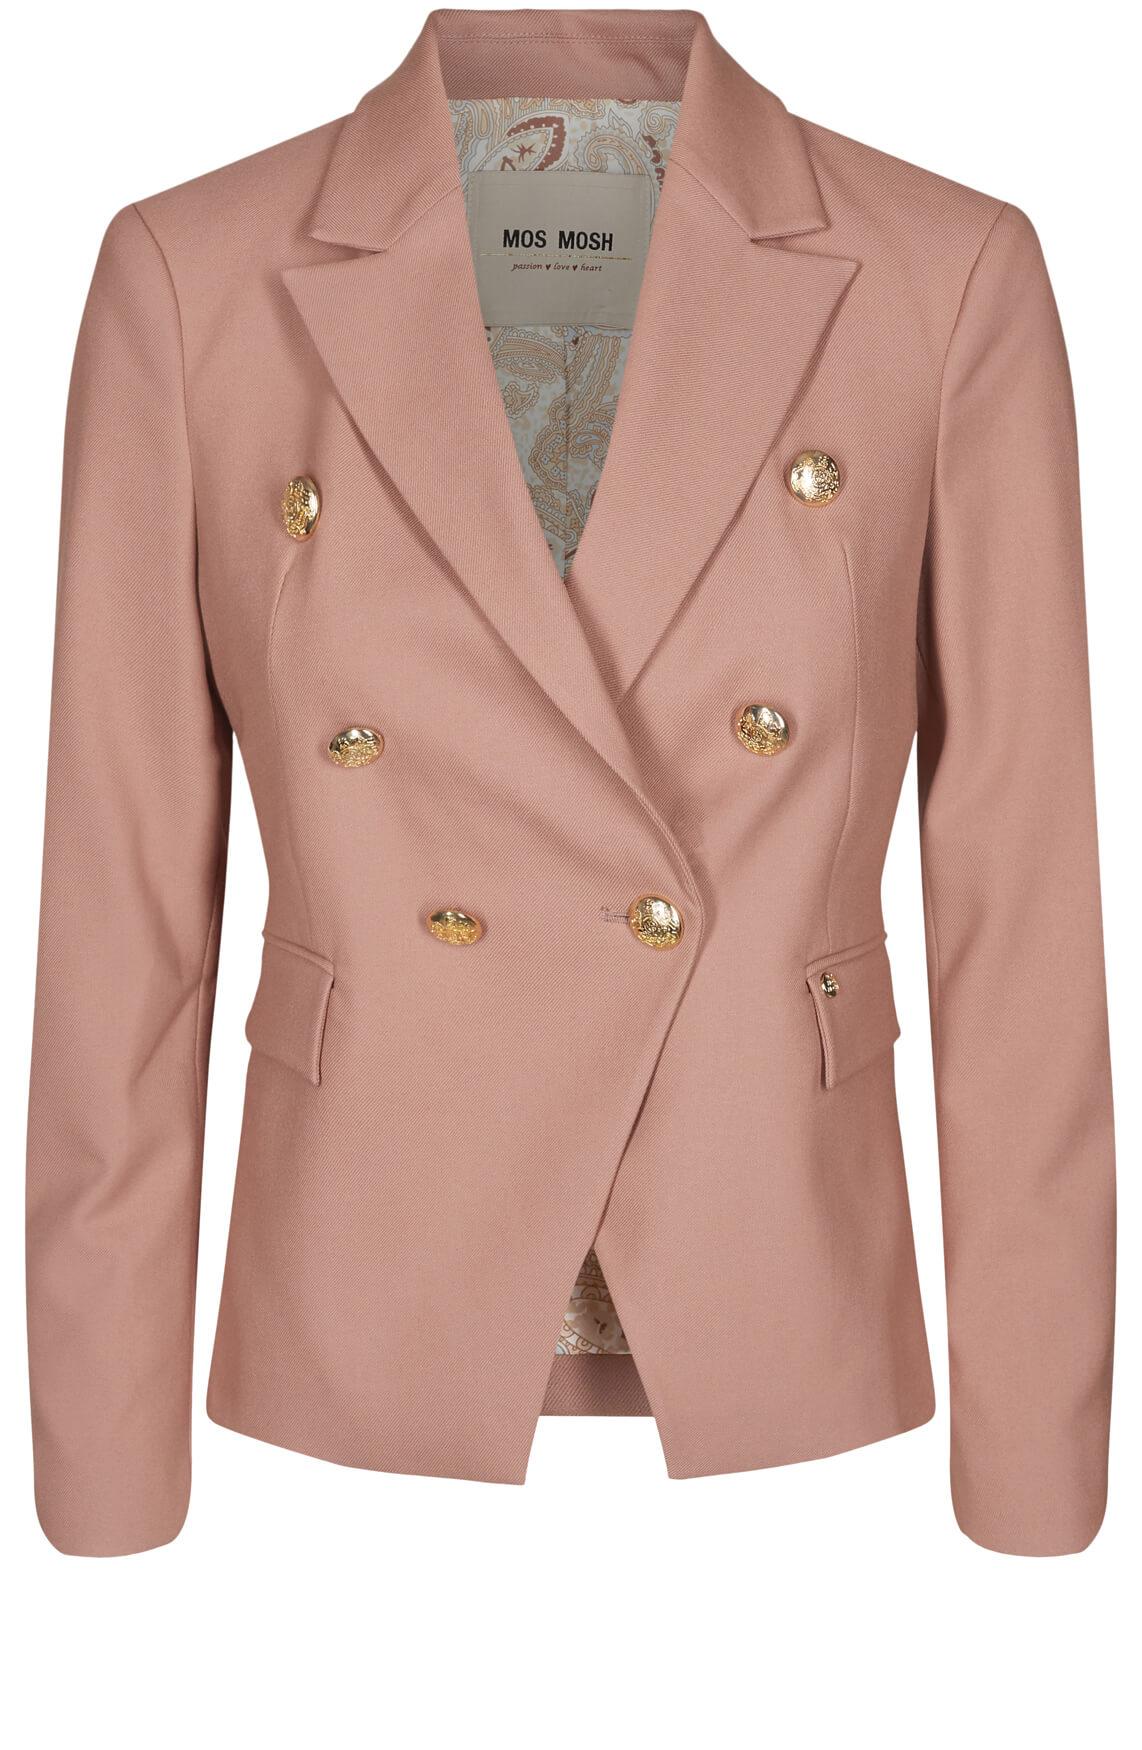 Mos Mosh Dames Beliz twiggy blazer roze